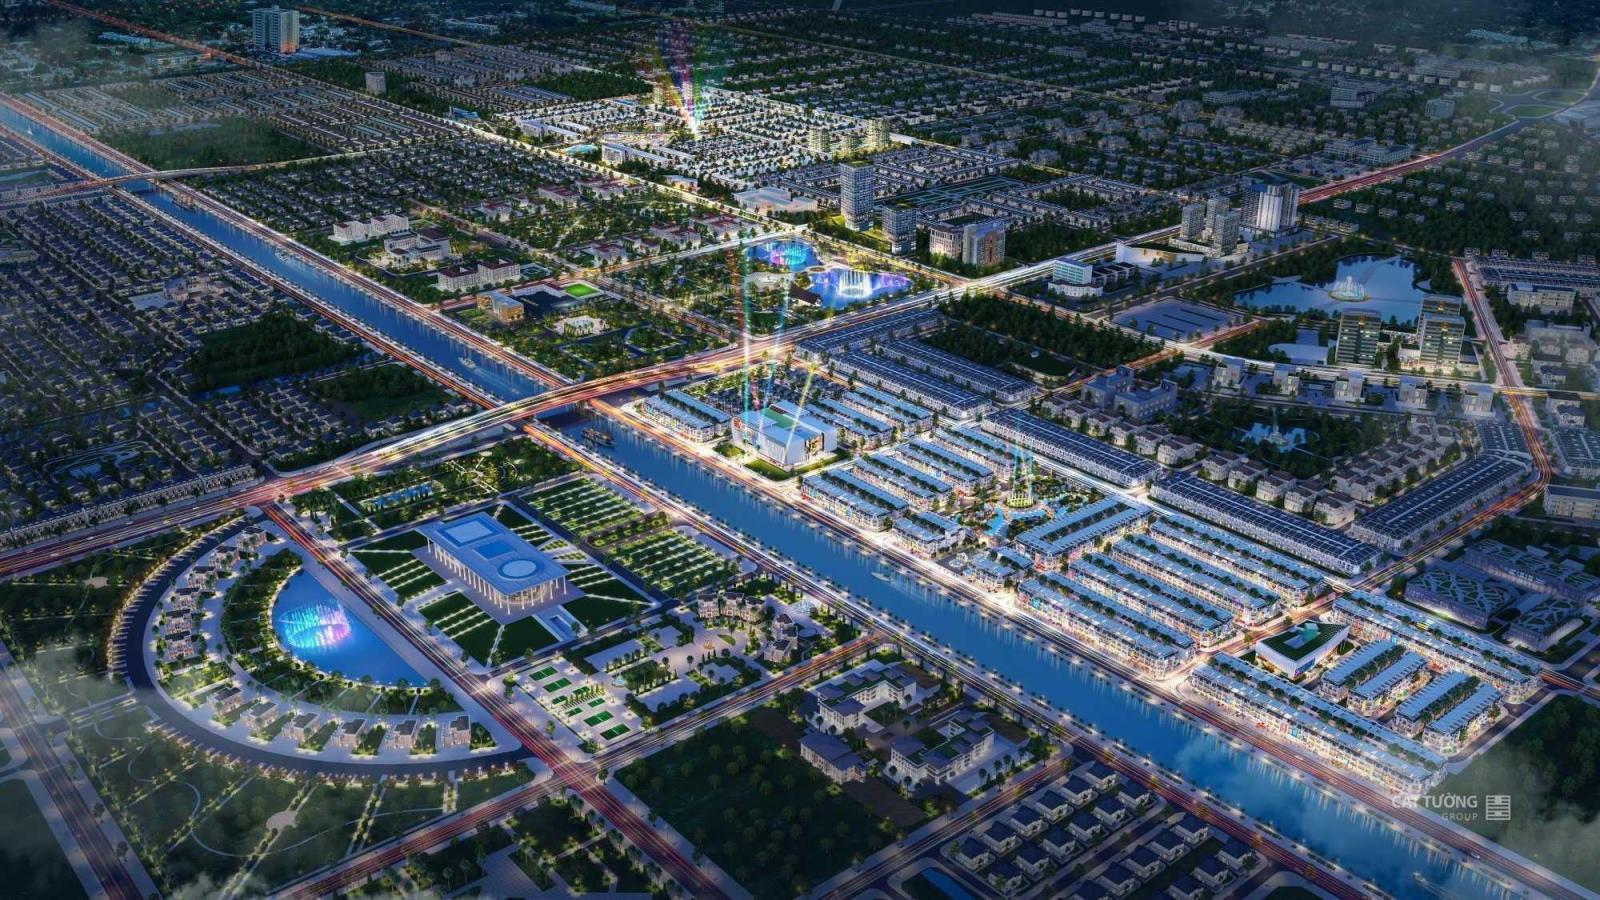 20210118170740 9e46 Tin thị trường BĐS mới: Thị trường BĐS Tây Nam Bộ hứa hẹn nhiều bứt phá trong năm 2021